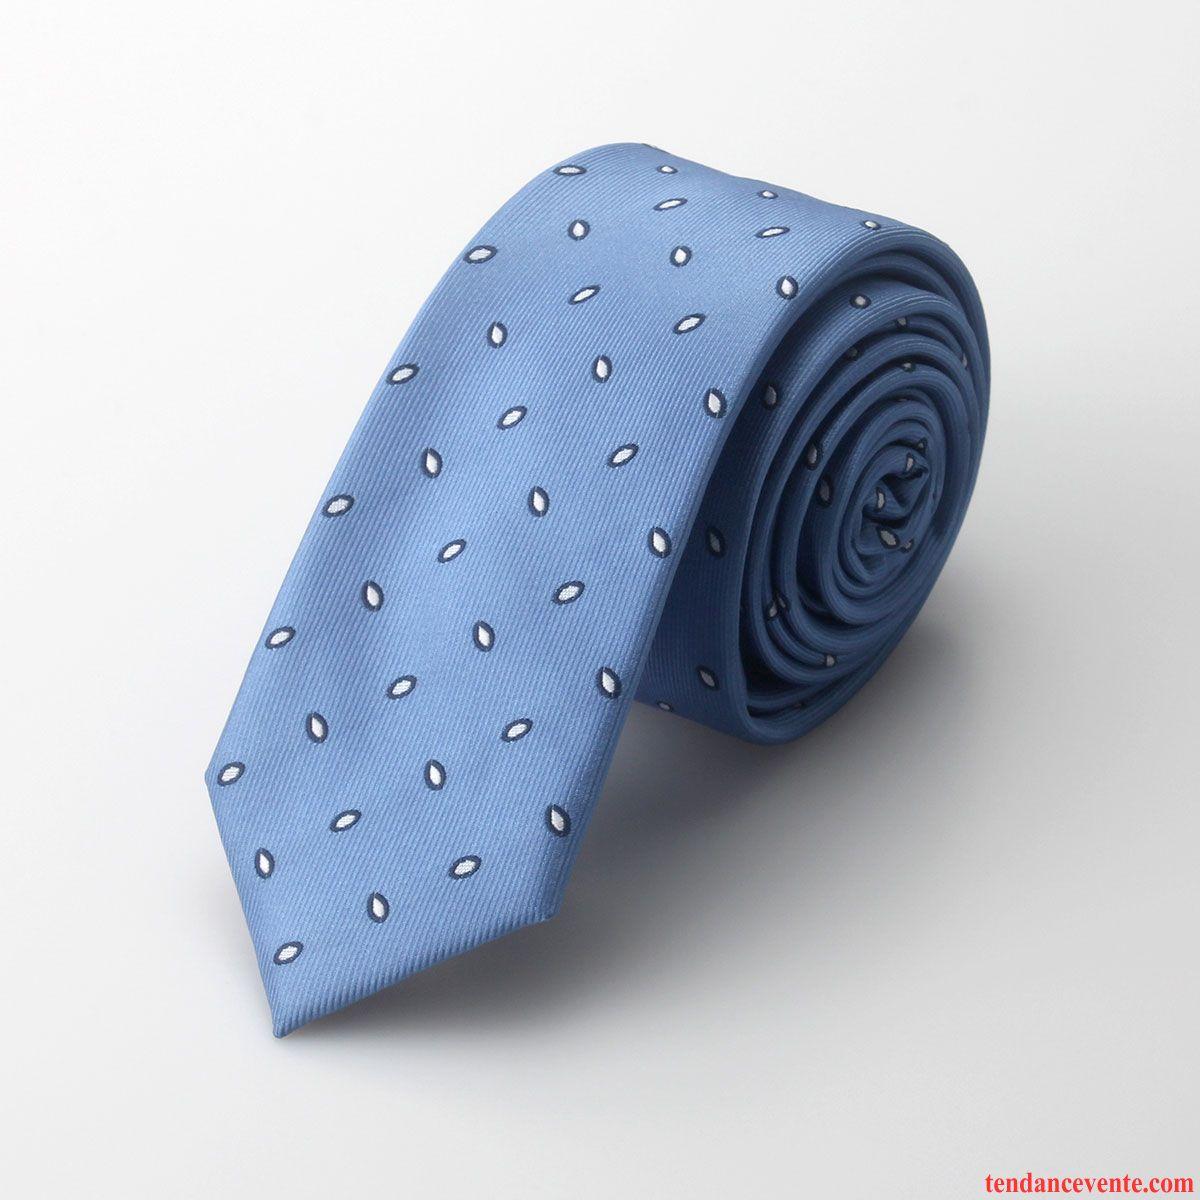 Cravate Homme Marier Entreprise Étudiant Vêtements De Cérémonie Petit Loisir Bleu